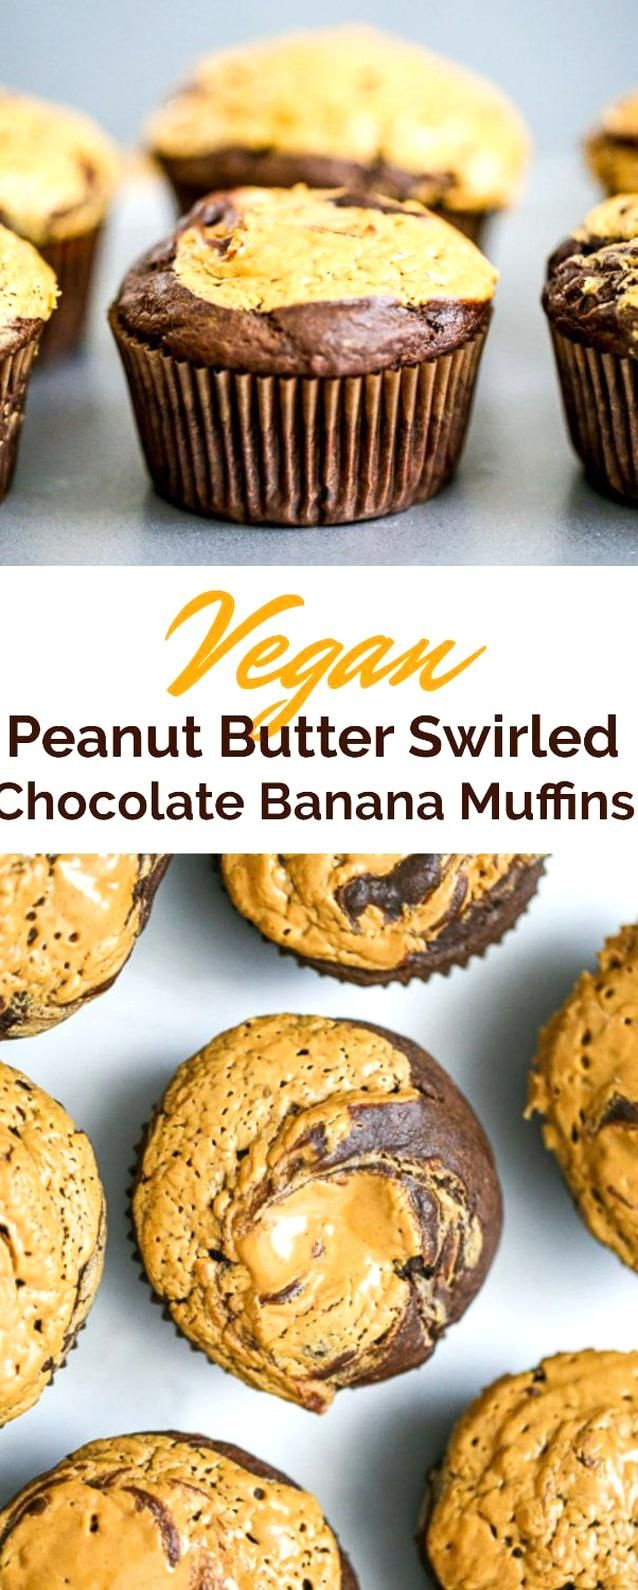 Heavenly Vegan Peanut Butter Swirled Chocolate Banana Muffins Are Definitely Worth Indulging Anytim In 2020 Chocolate Banana Muffins Vegan Peanut Butter Banana Muffins